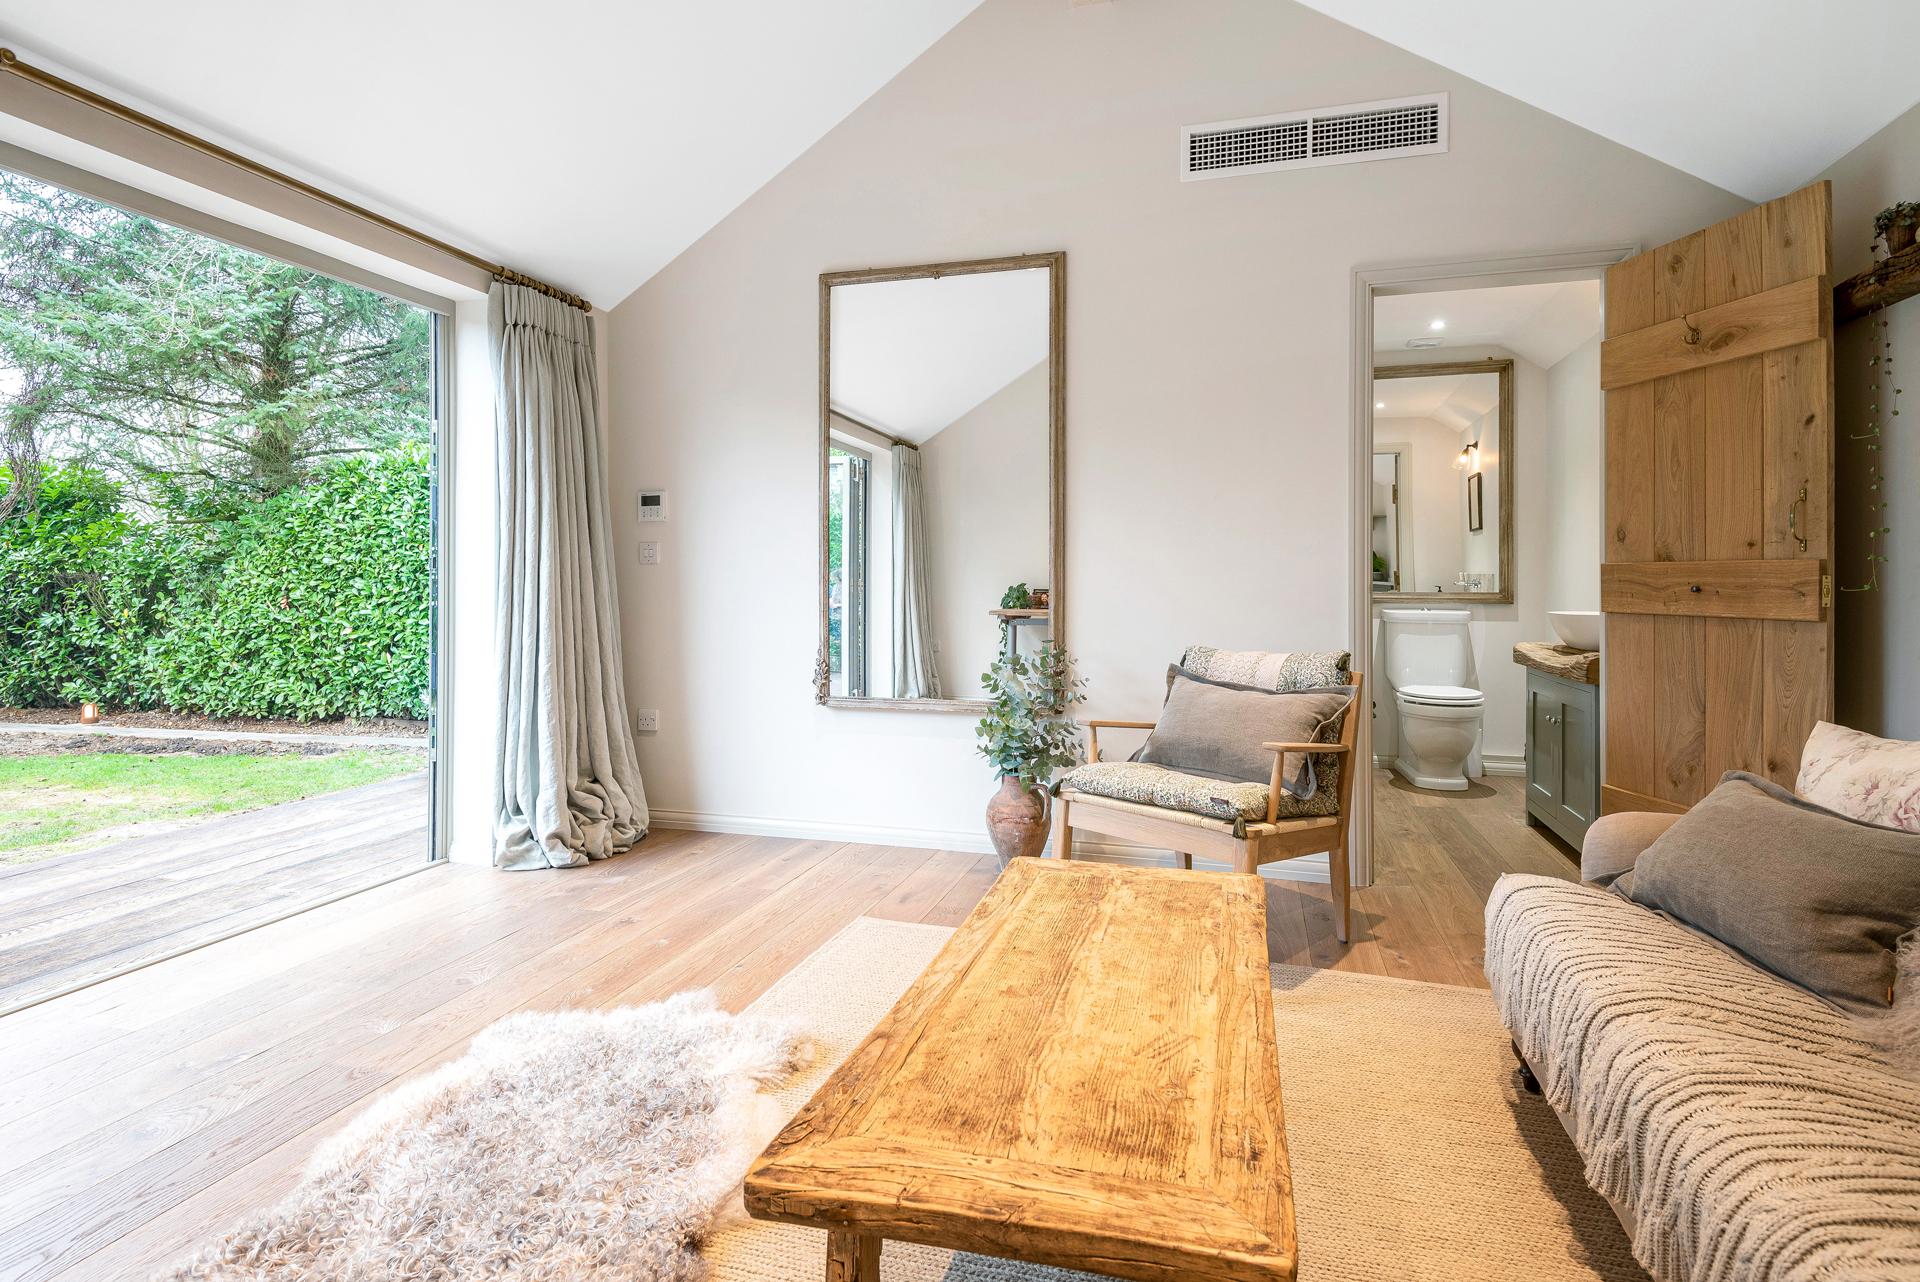 Prestige garden rooms in Essex